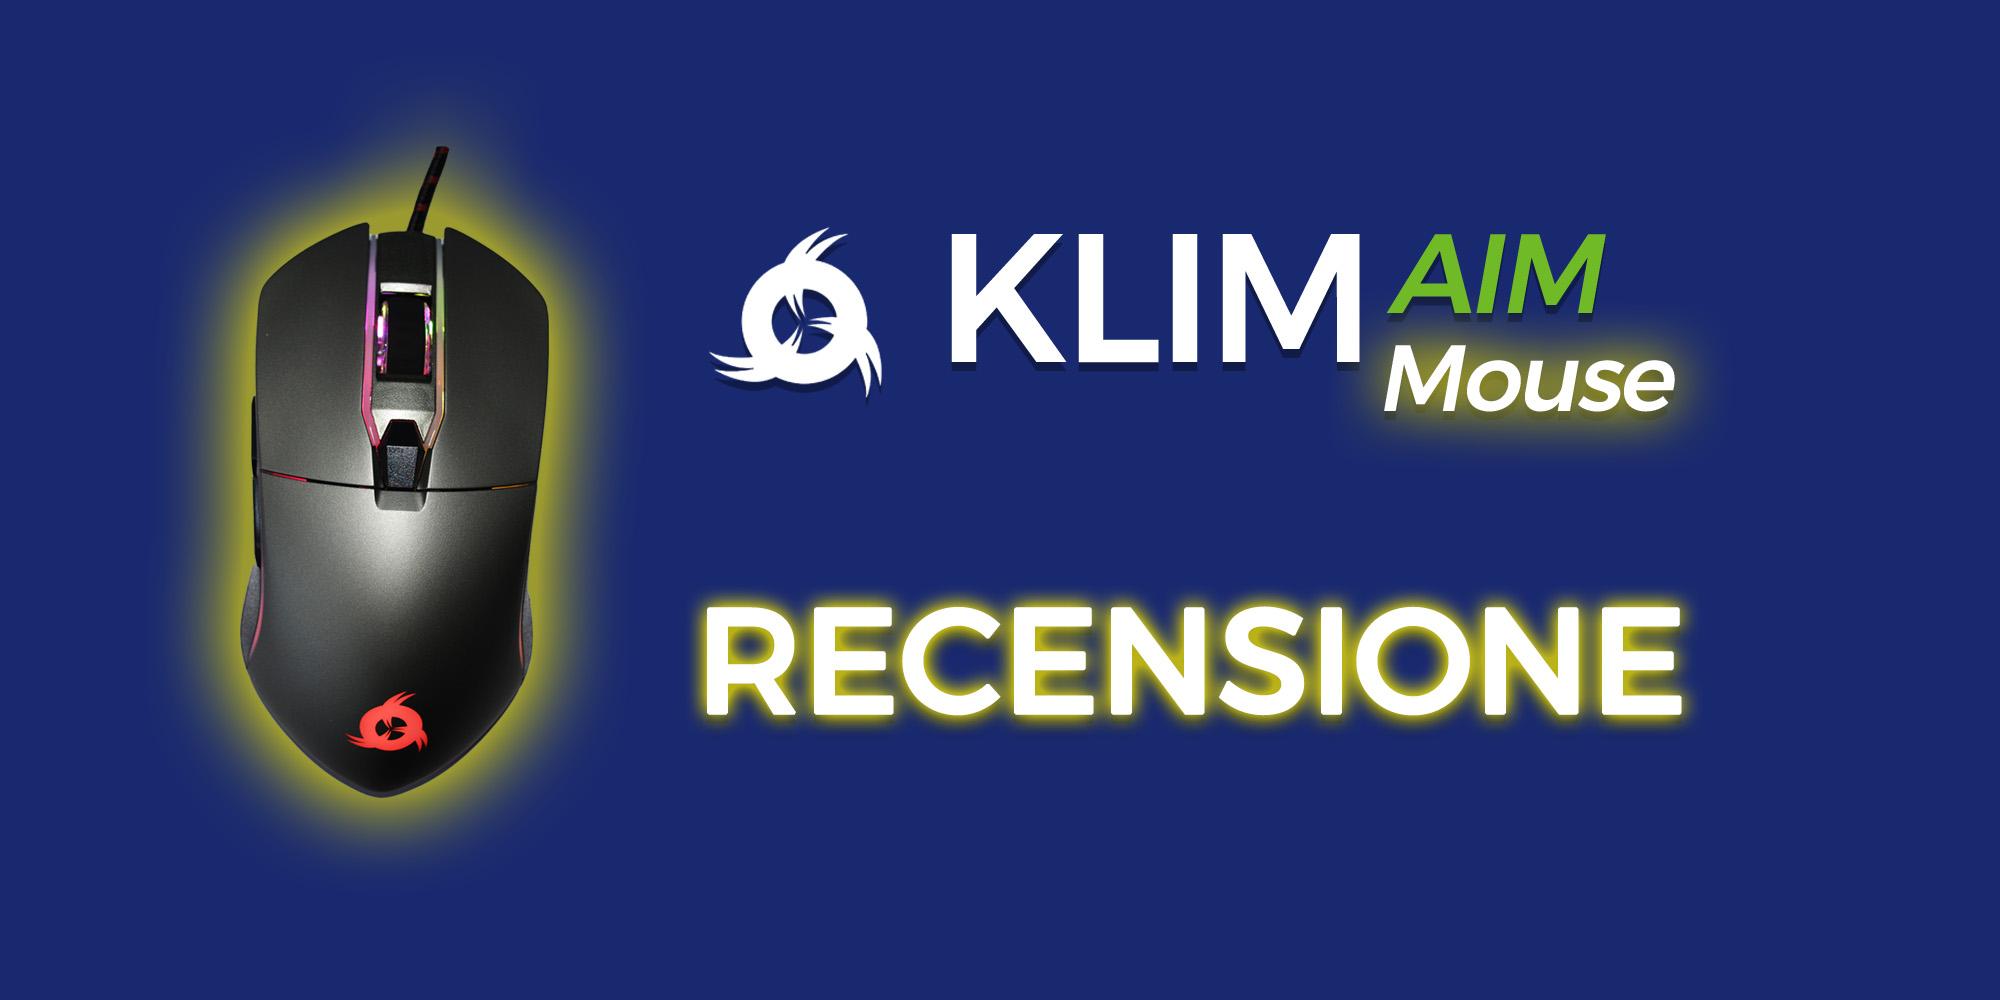 Recensione: Mouse Klim AIM